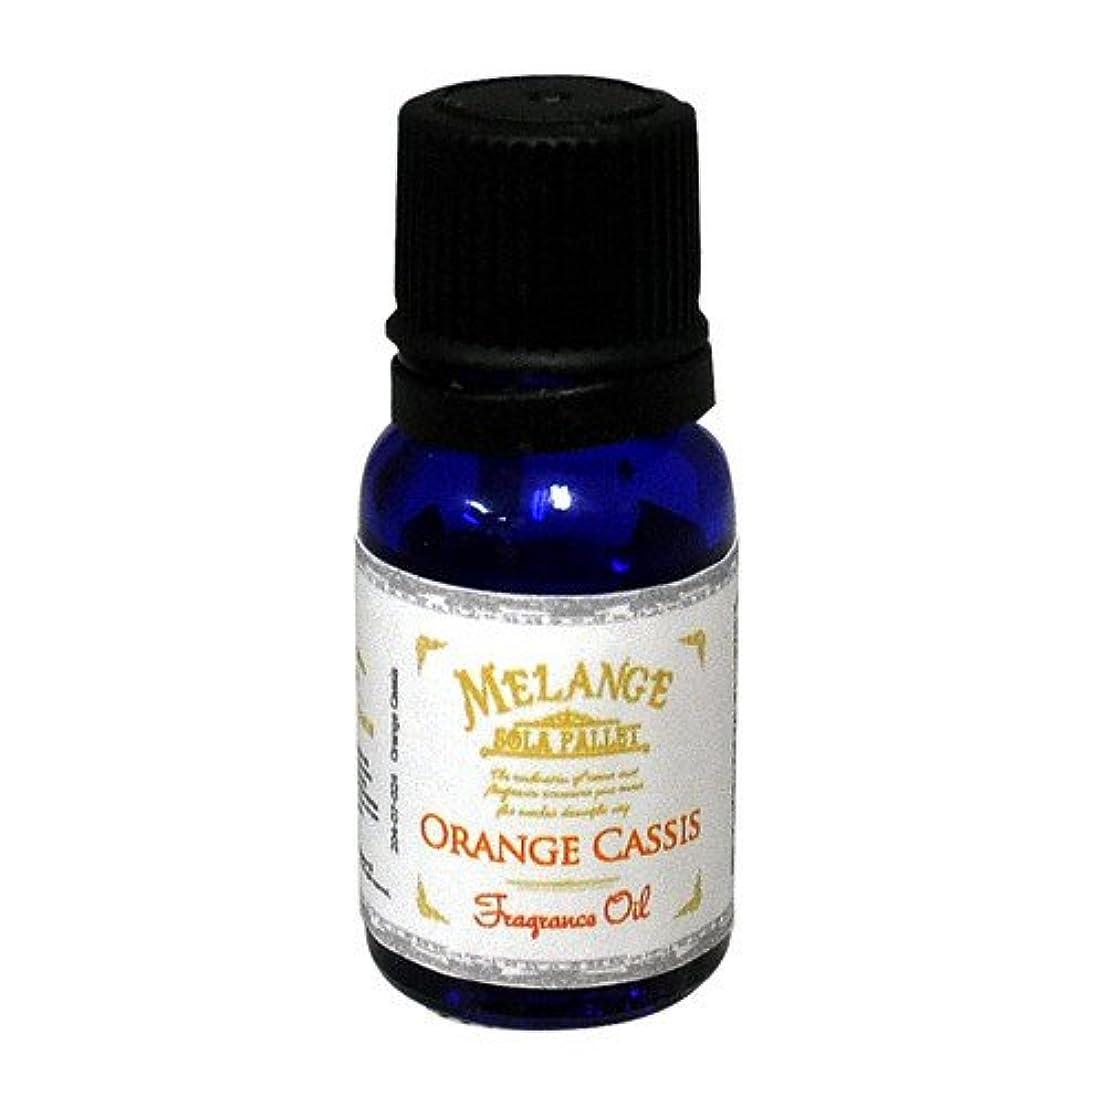 コーヒー個人的な下向きSOLA PALLET MELANGE Fragrance Oil フレグランスオイル Orange Cassis オレンジカシス